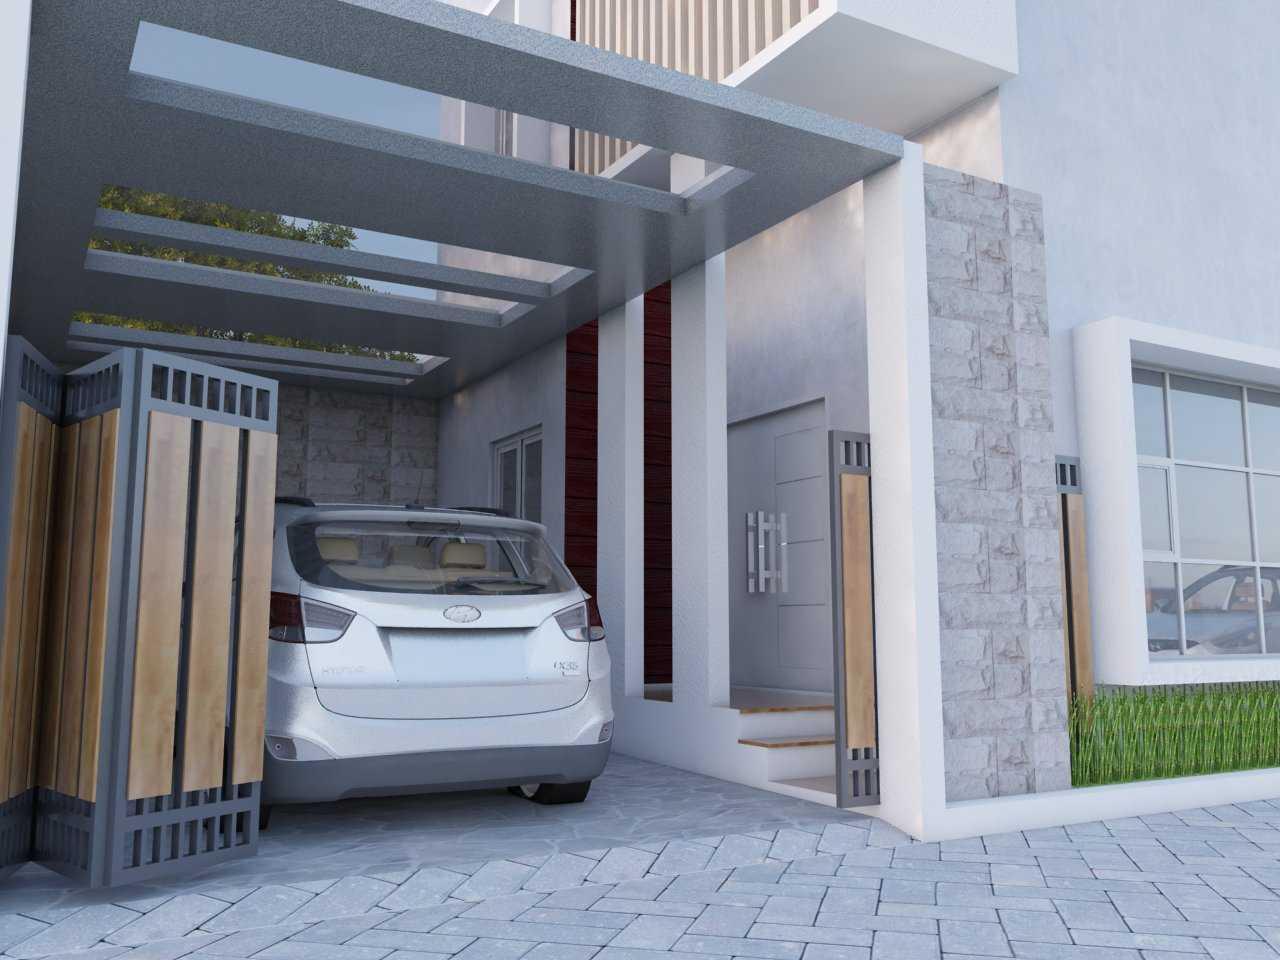 Photo Carport Area Desain Rumah Tropis di Kebumen 5 desain ...